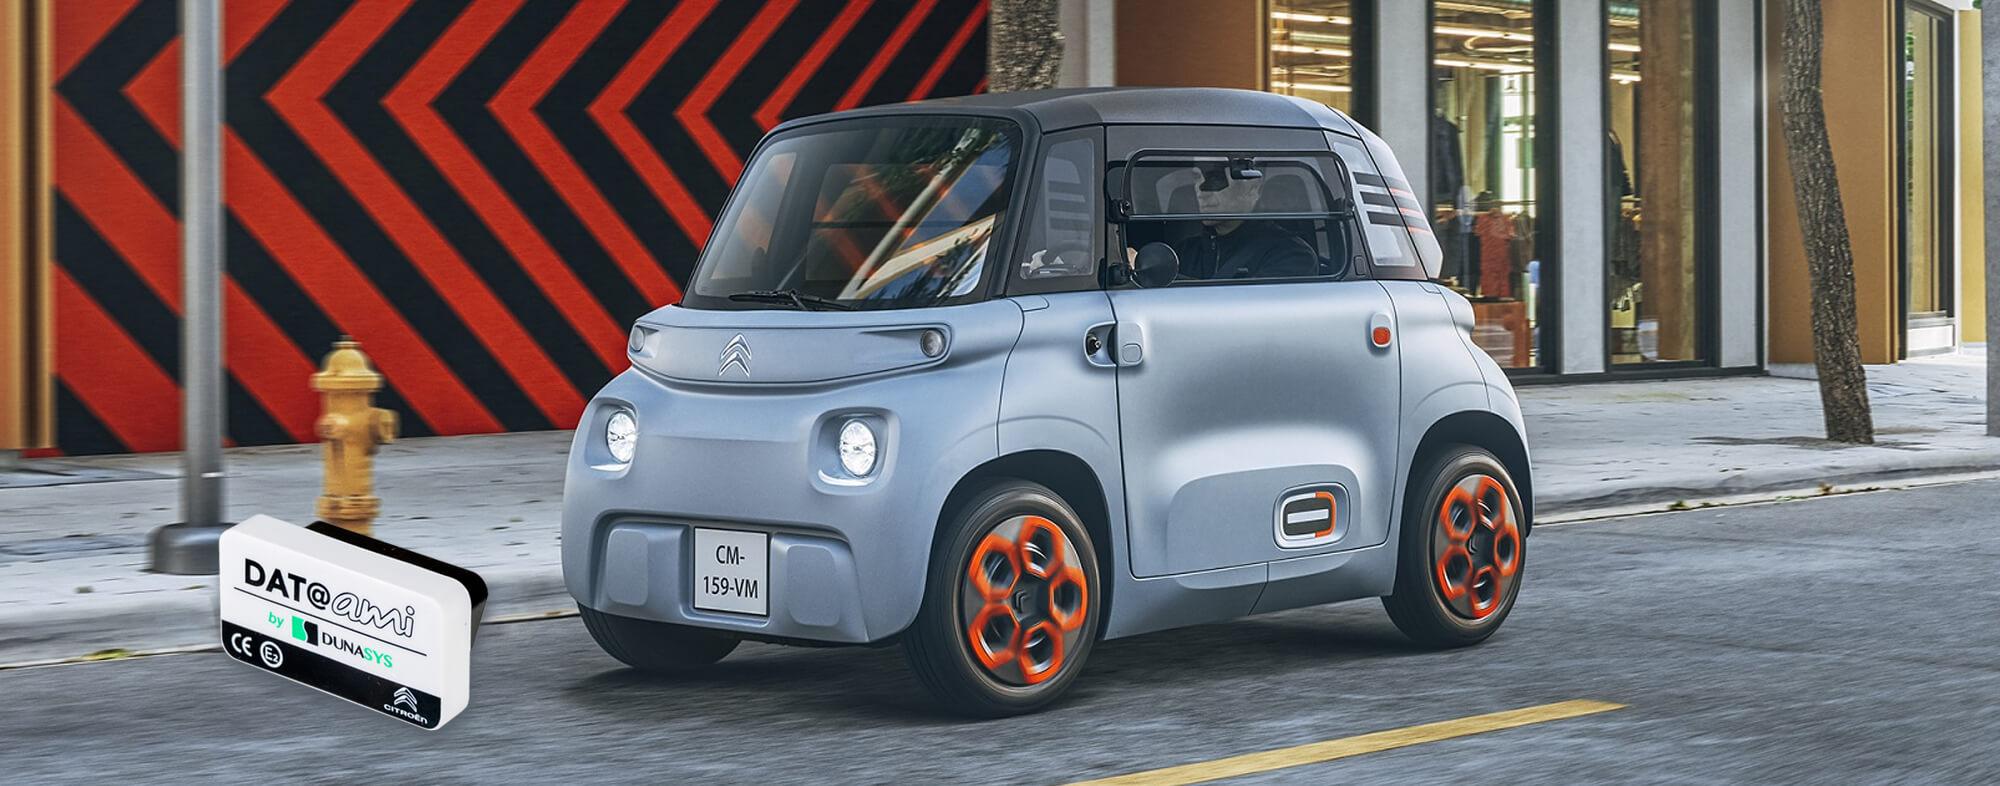 DCAR-BT et l'AMI Citroën